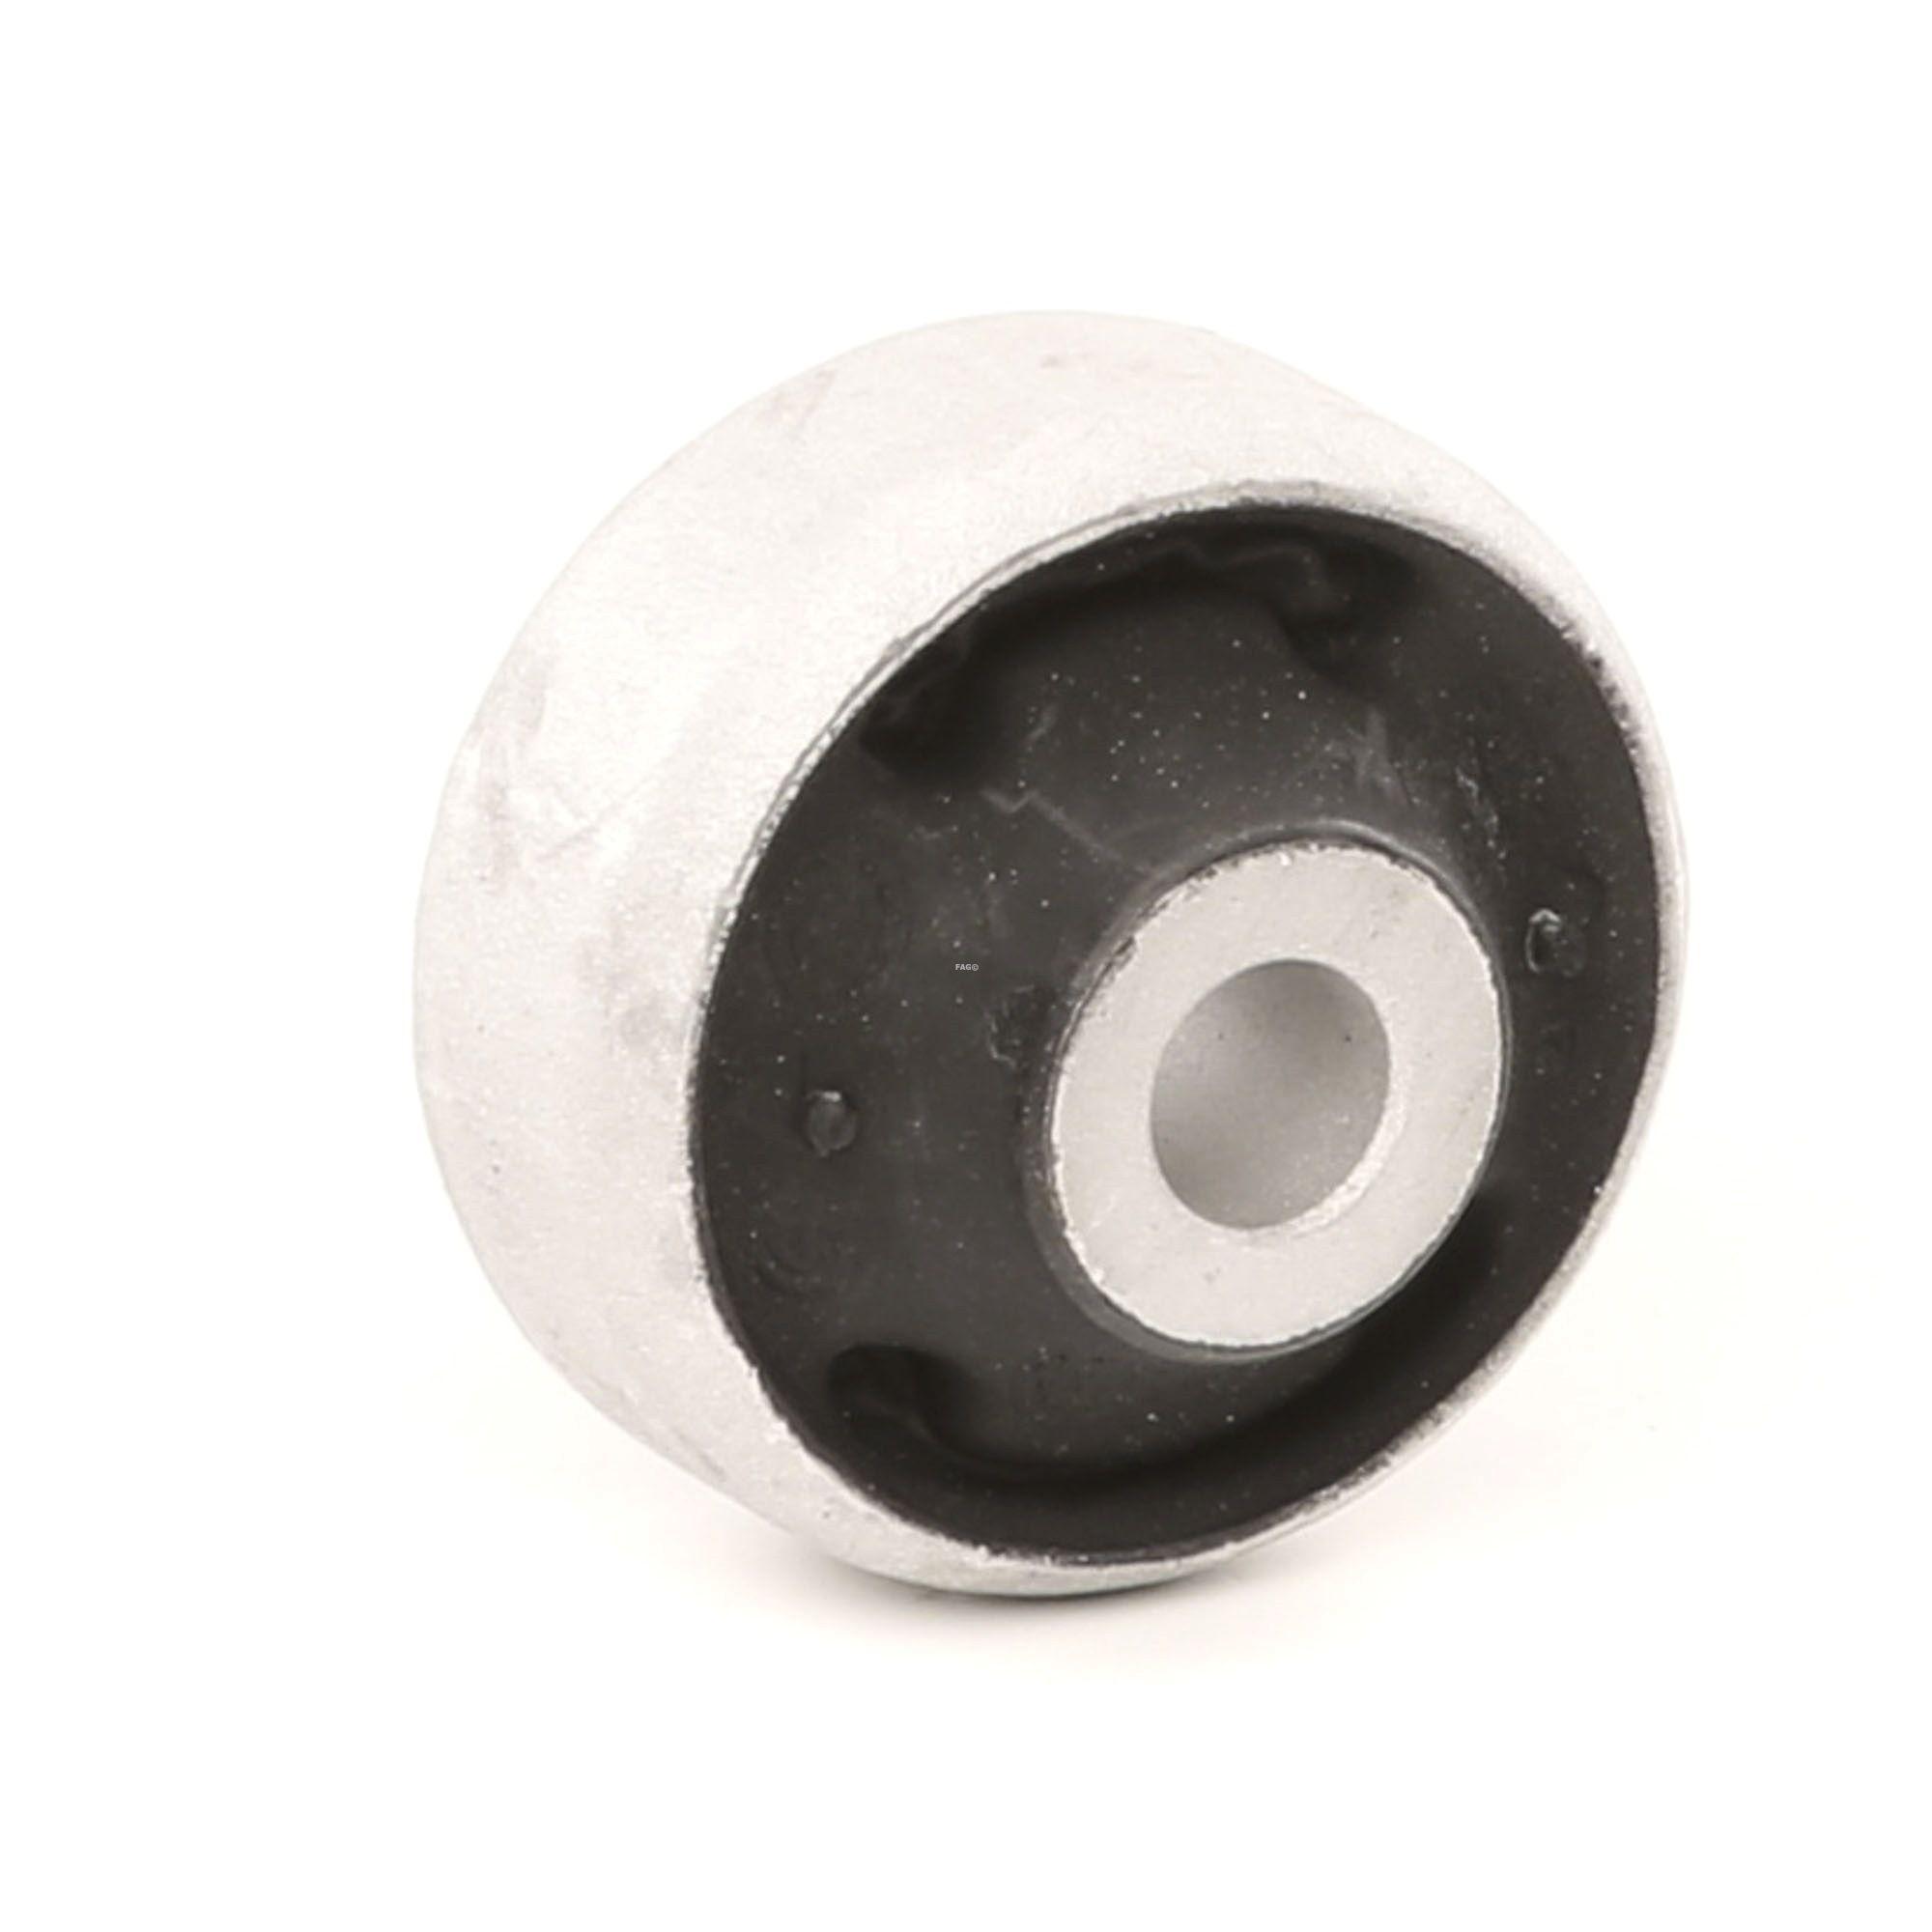 Querlenkerbuchse FAG 829 0093 10 Bewertung